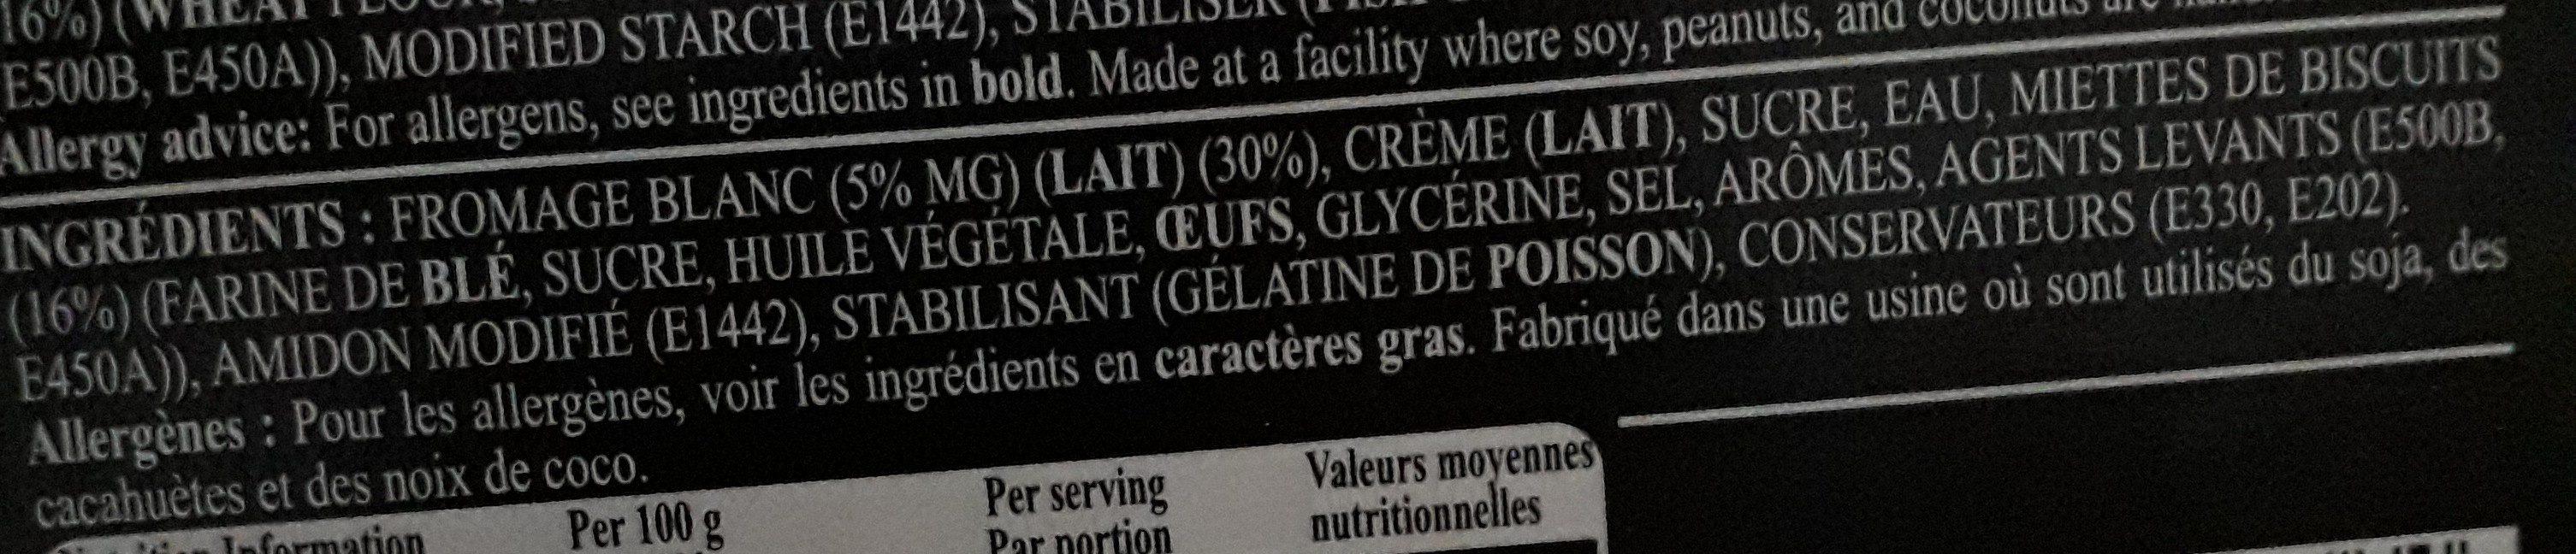 Cheesecake - Ingrédients - fr